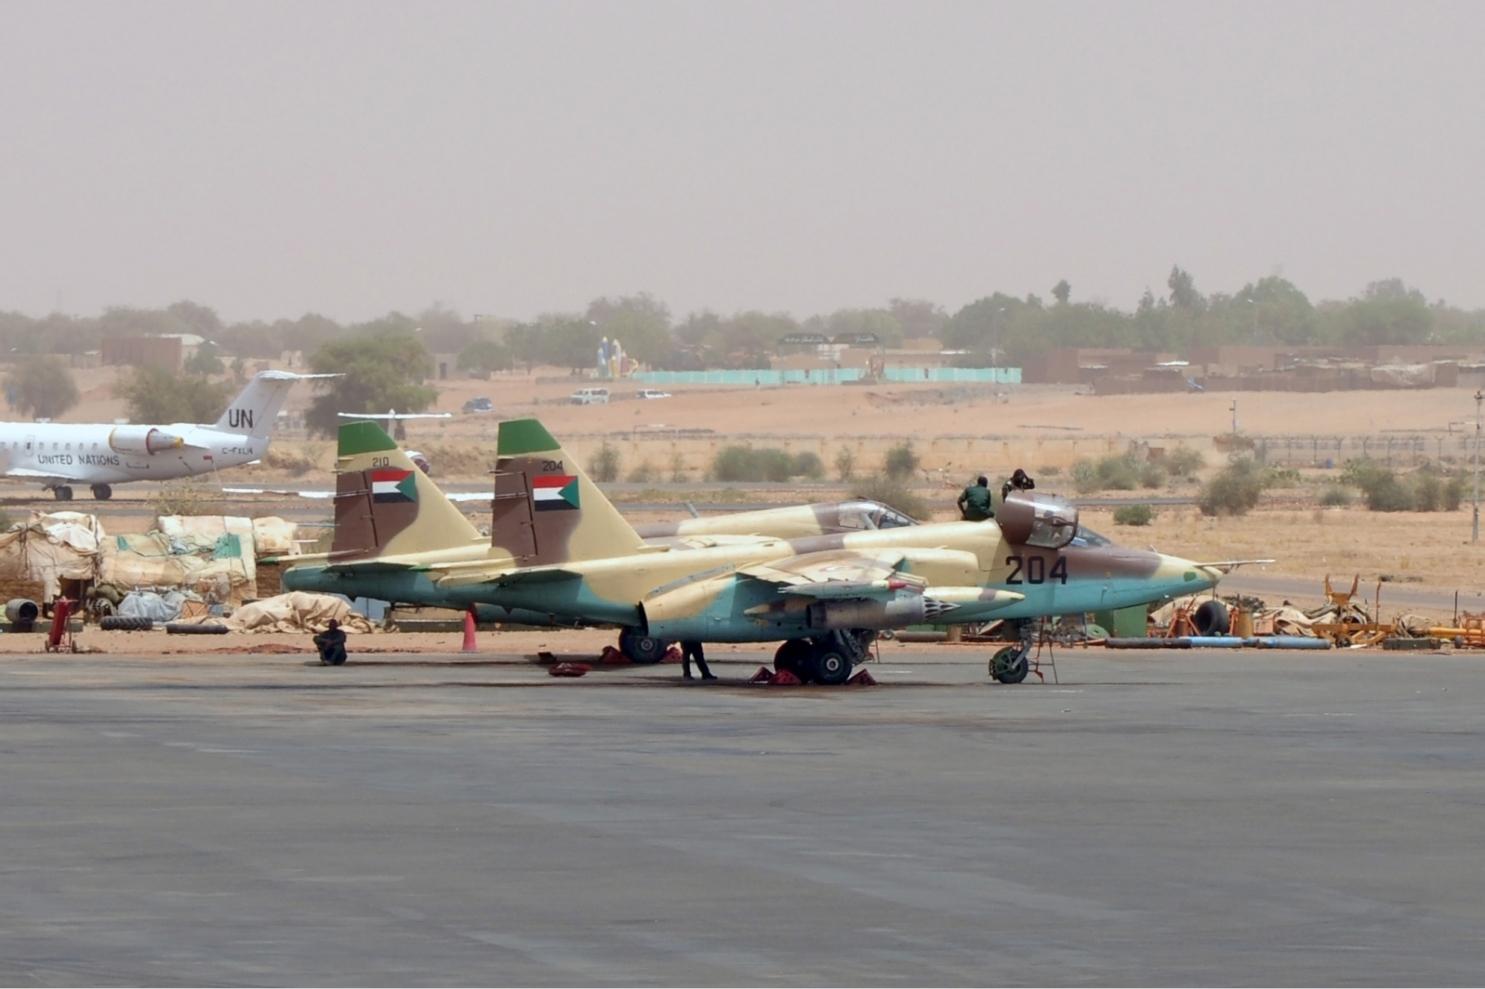 صفقه مقاتلات Su-25 للعراق .......متجدد  - صفحة 18 Sudanese_Air_Force_Sukhoi_Su-25_Onyshchenko-1